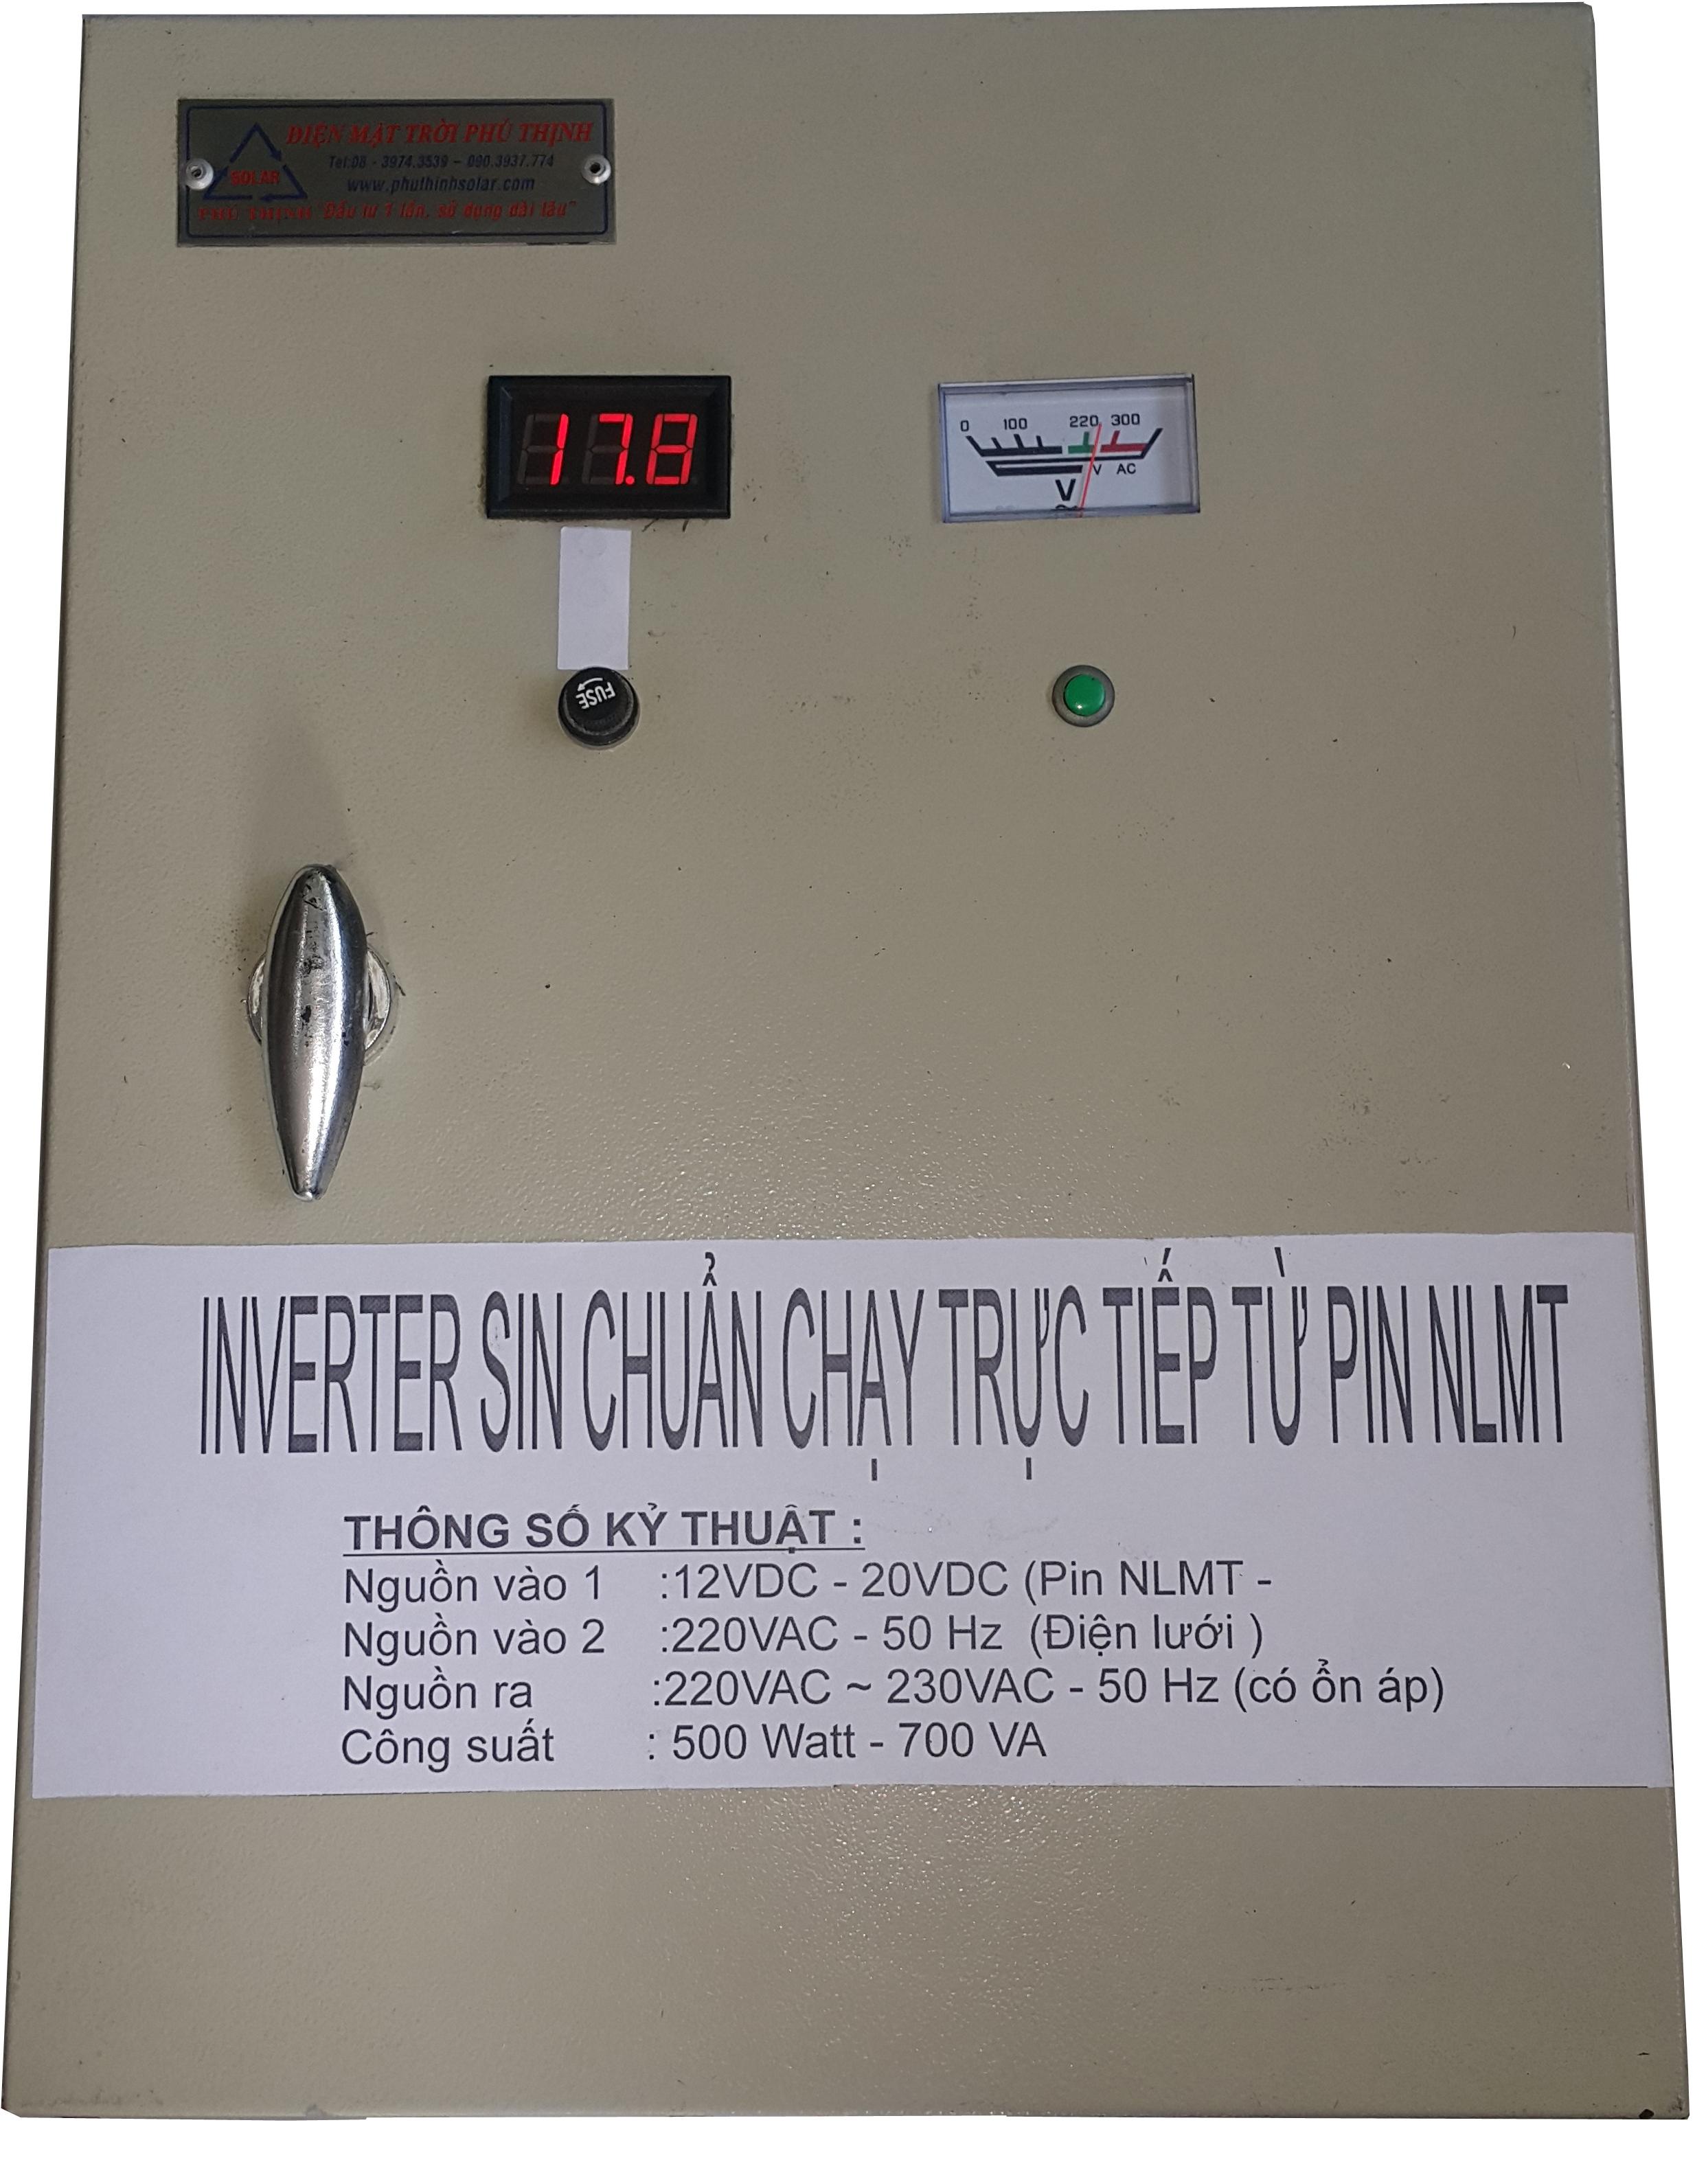 Inverter Sin Chuẩn Chạy Trực Tiếp Từ Pin NLMT